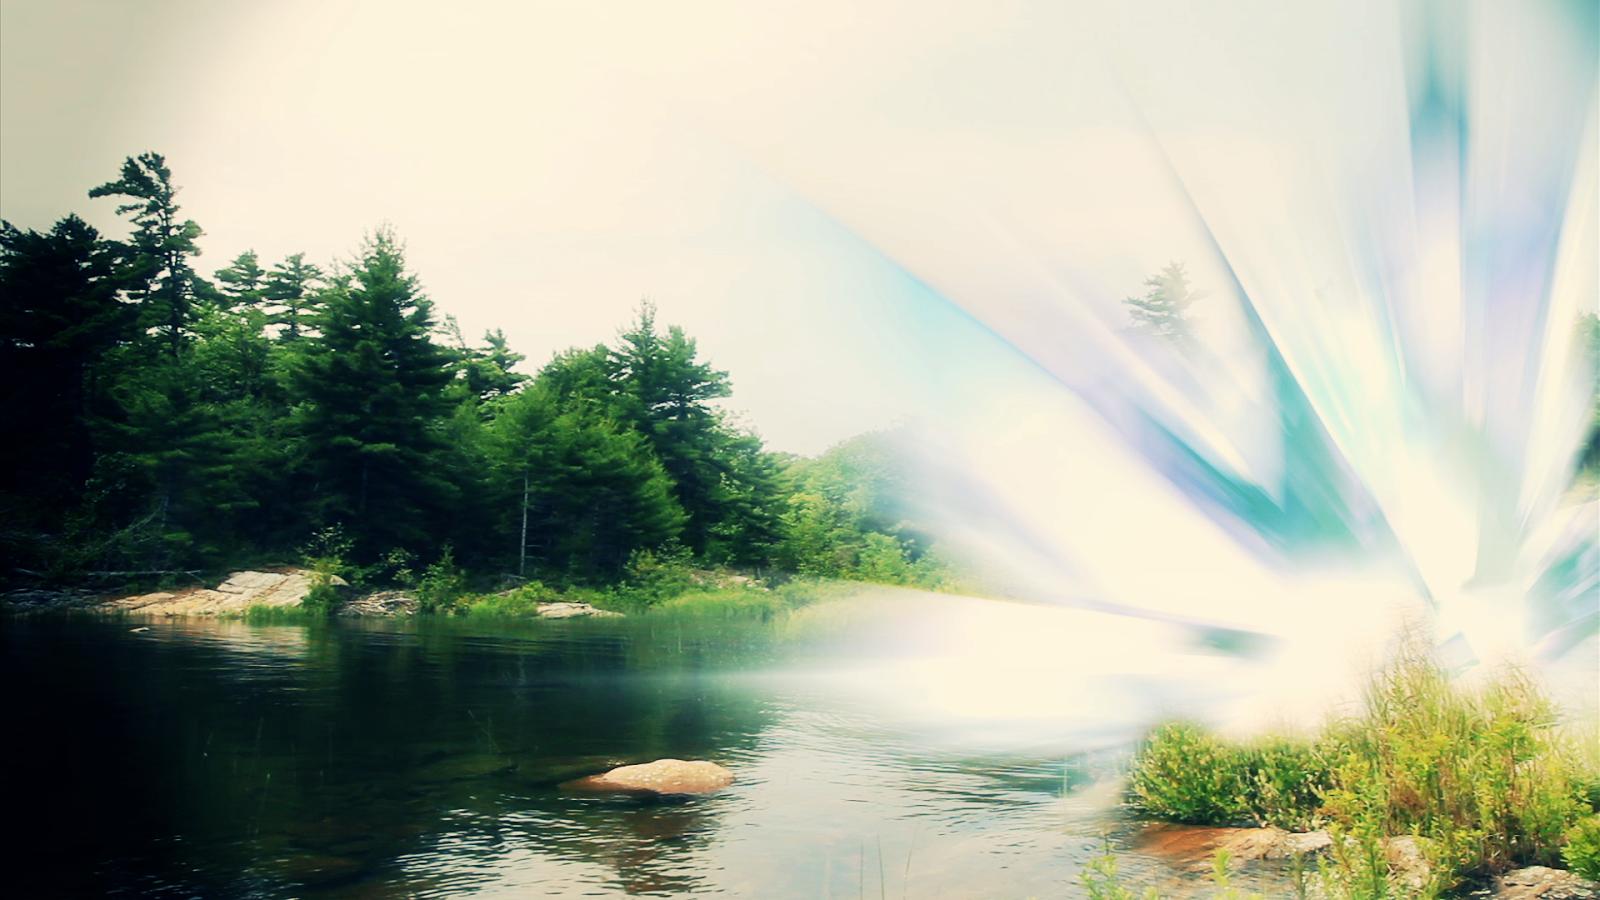 jillian mcdonald, crystal lake